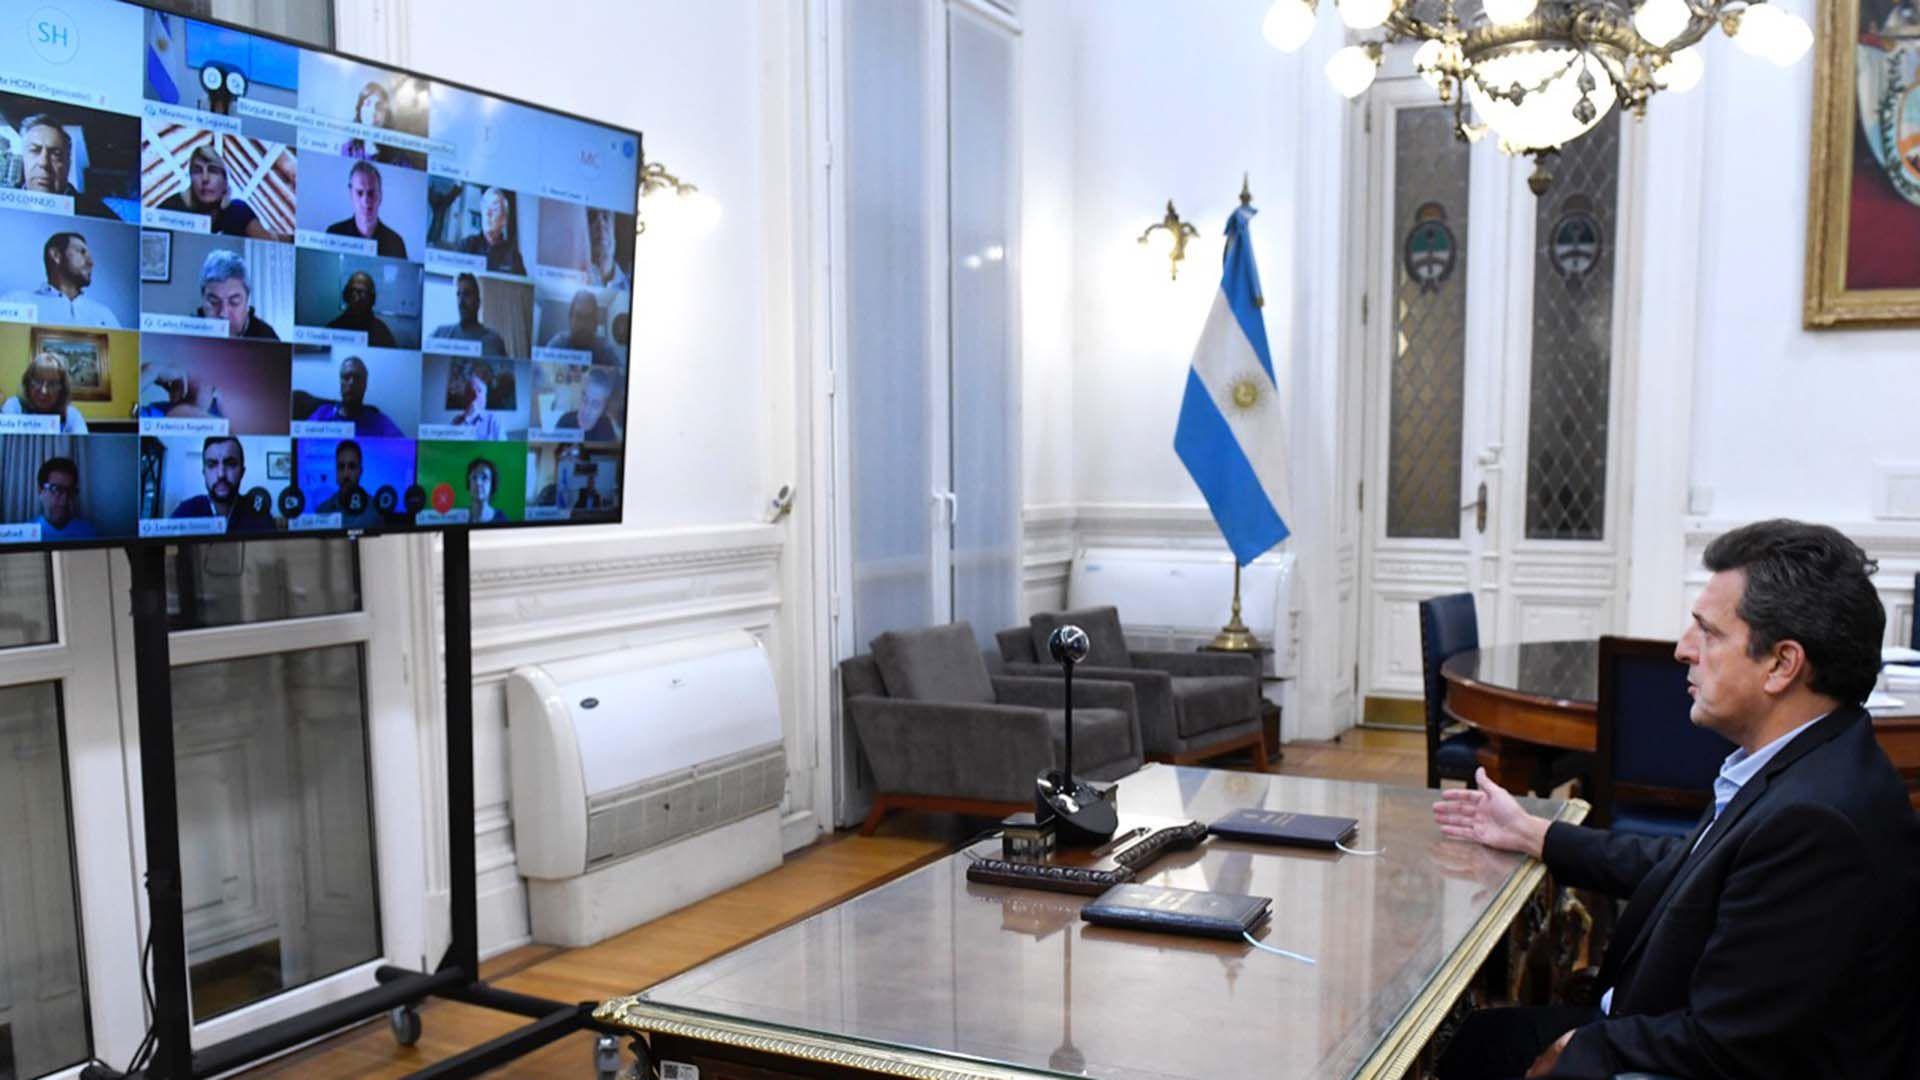 El presidente de la Cámara de Diputados, Sergio Massa, durante una de las reuniones que realizó con diputados del bloque del Frente de Todos